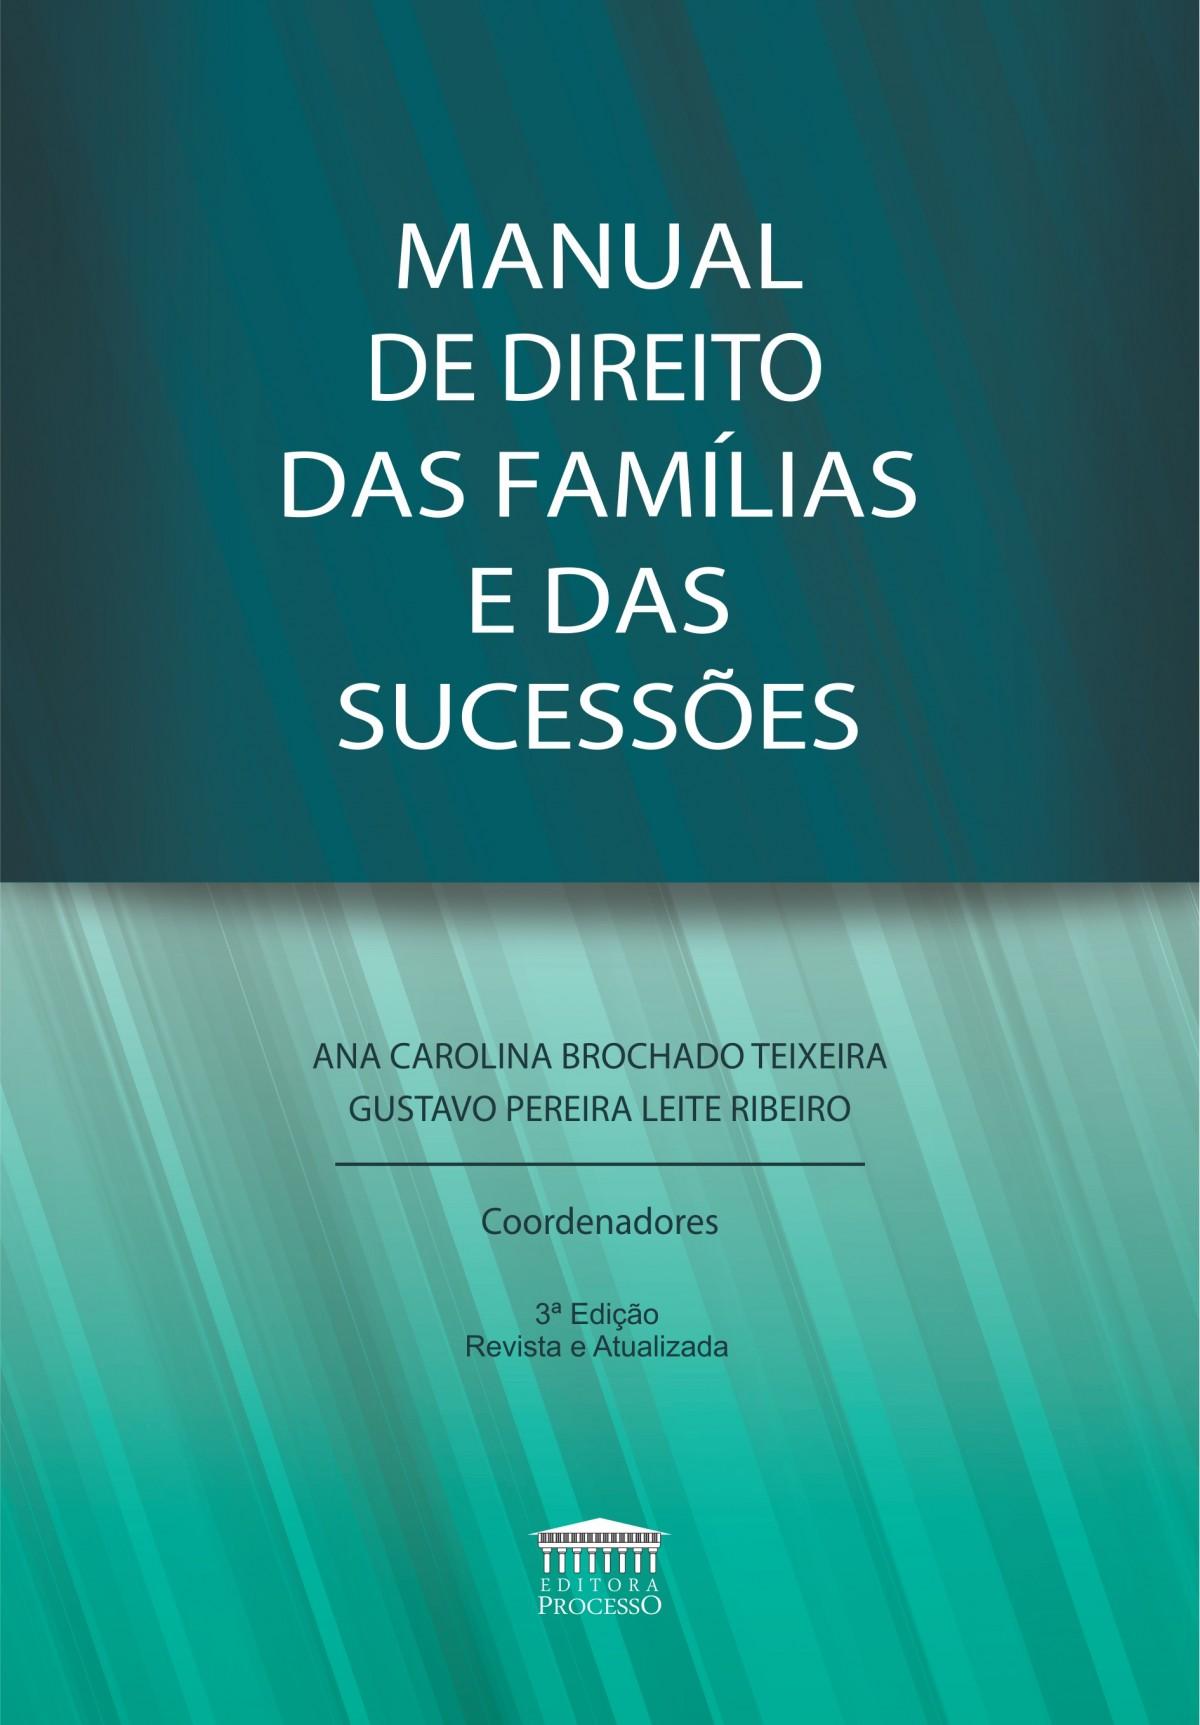 Foto 1 - Manual de Direito das Famílias e das Sucessões